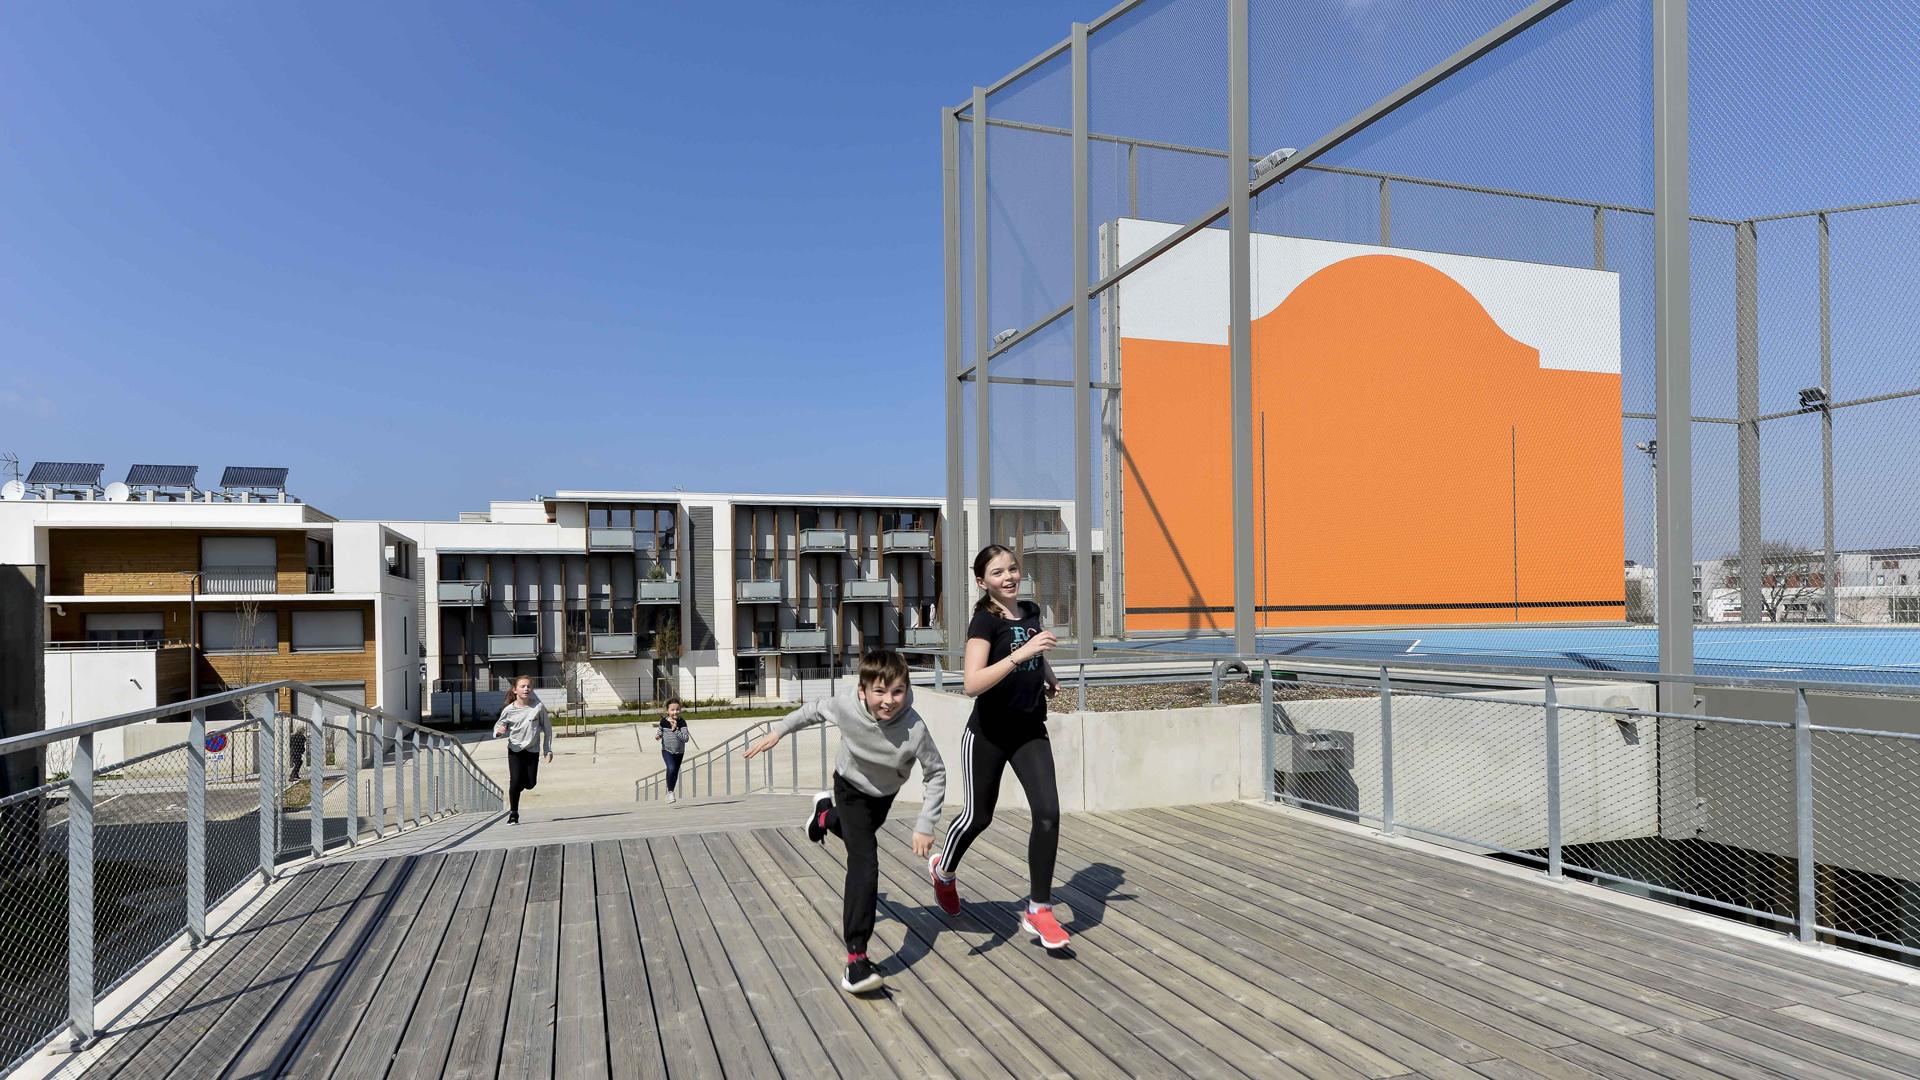 01-Seuil-Architecture-Soupetard-E-crédit-Ph.-Stéphane-Brugidou